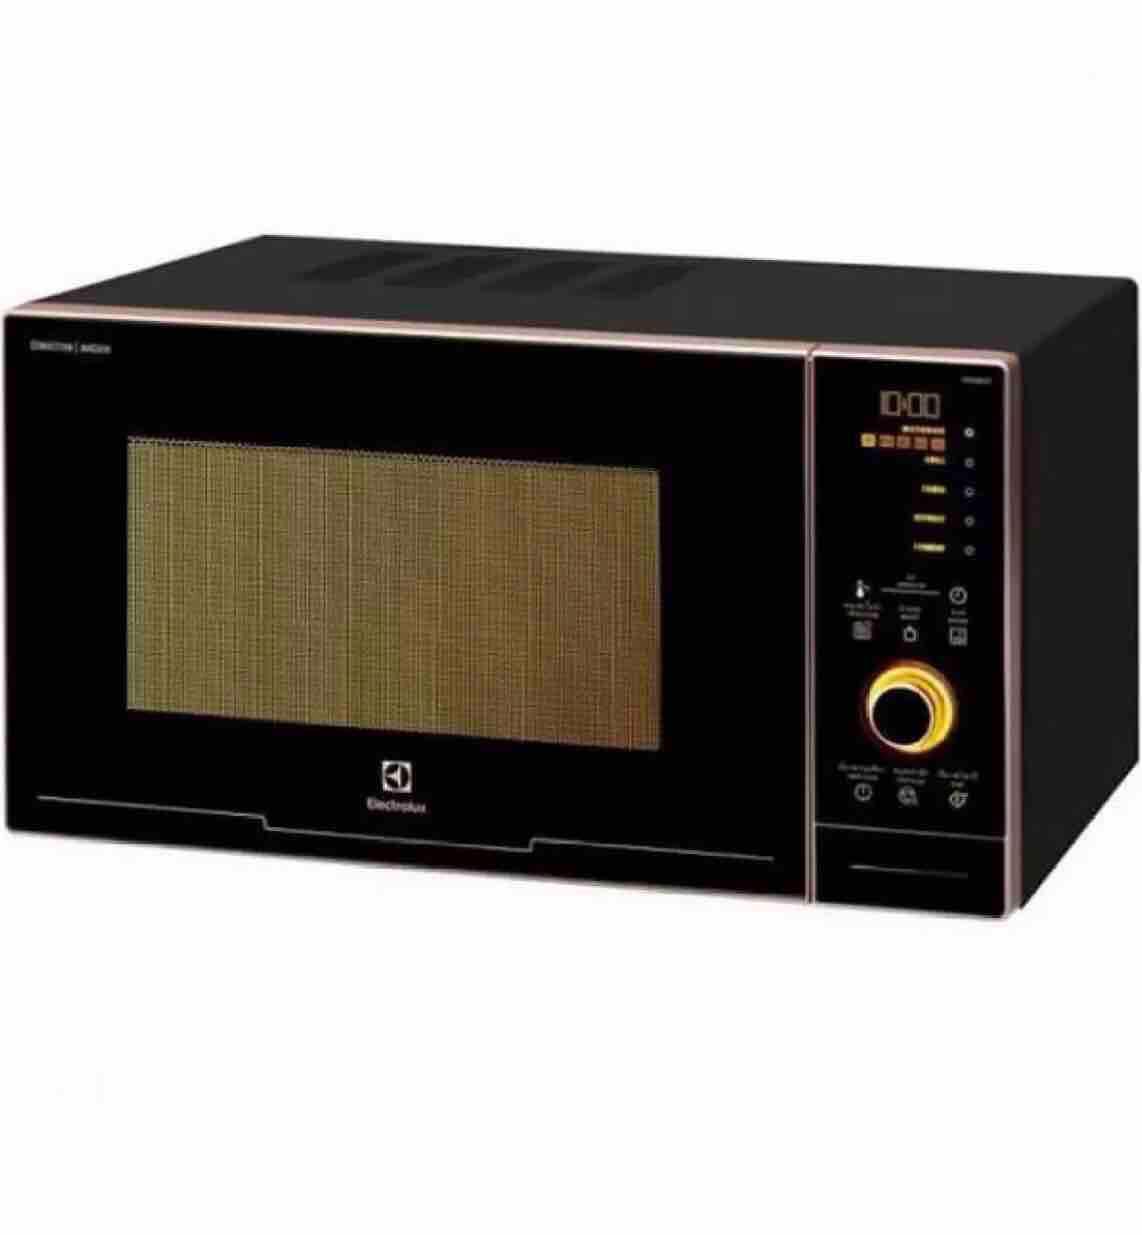 Lò Vi Sóng Có Nướng 23 Lít ELECTRULUX  Inverter EMS2382GRI Cùng Giá Khuyến Mãi Hot